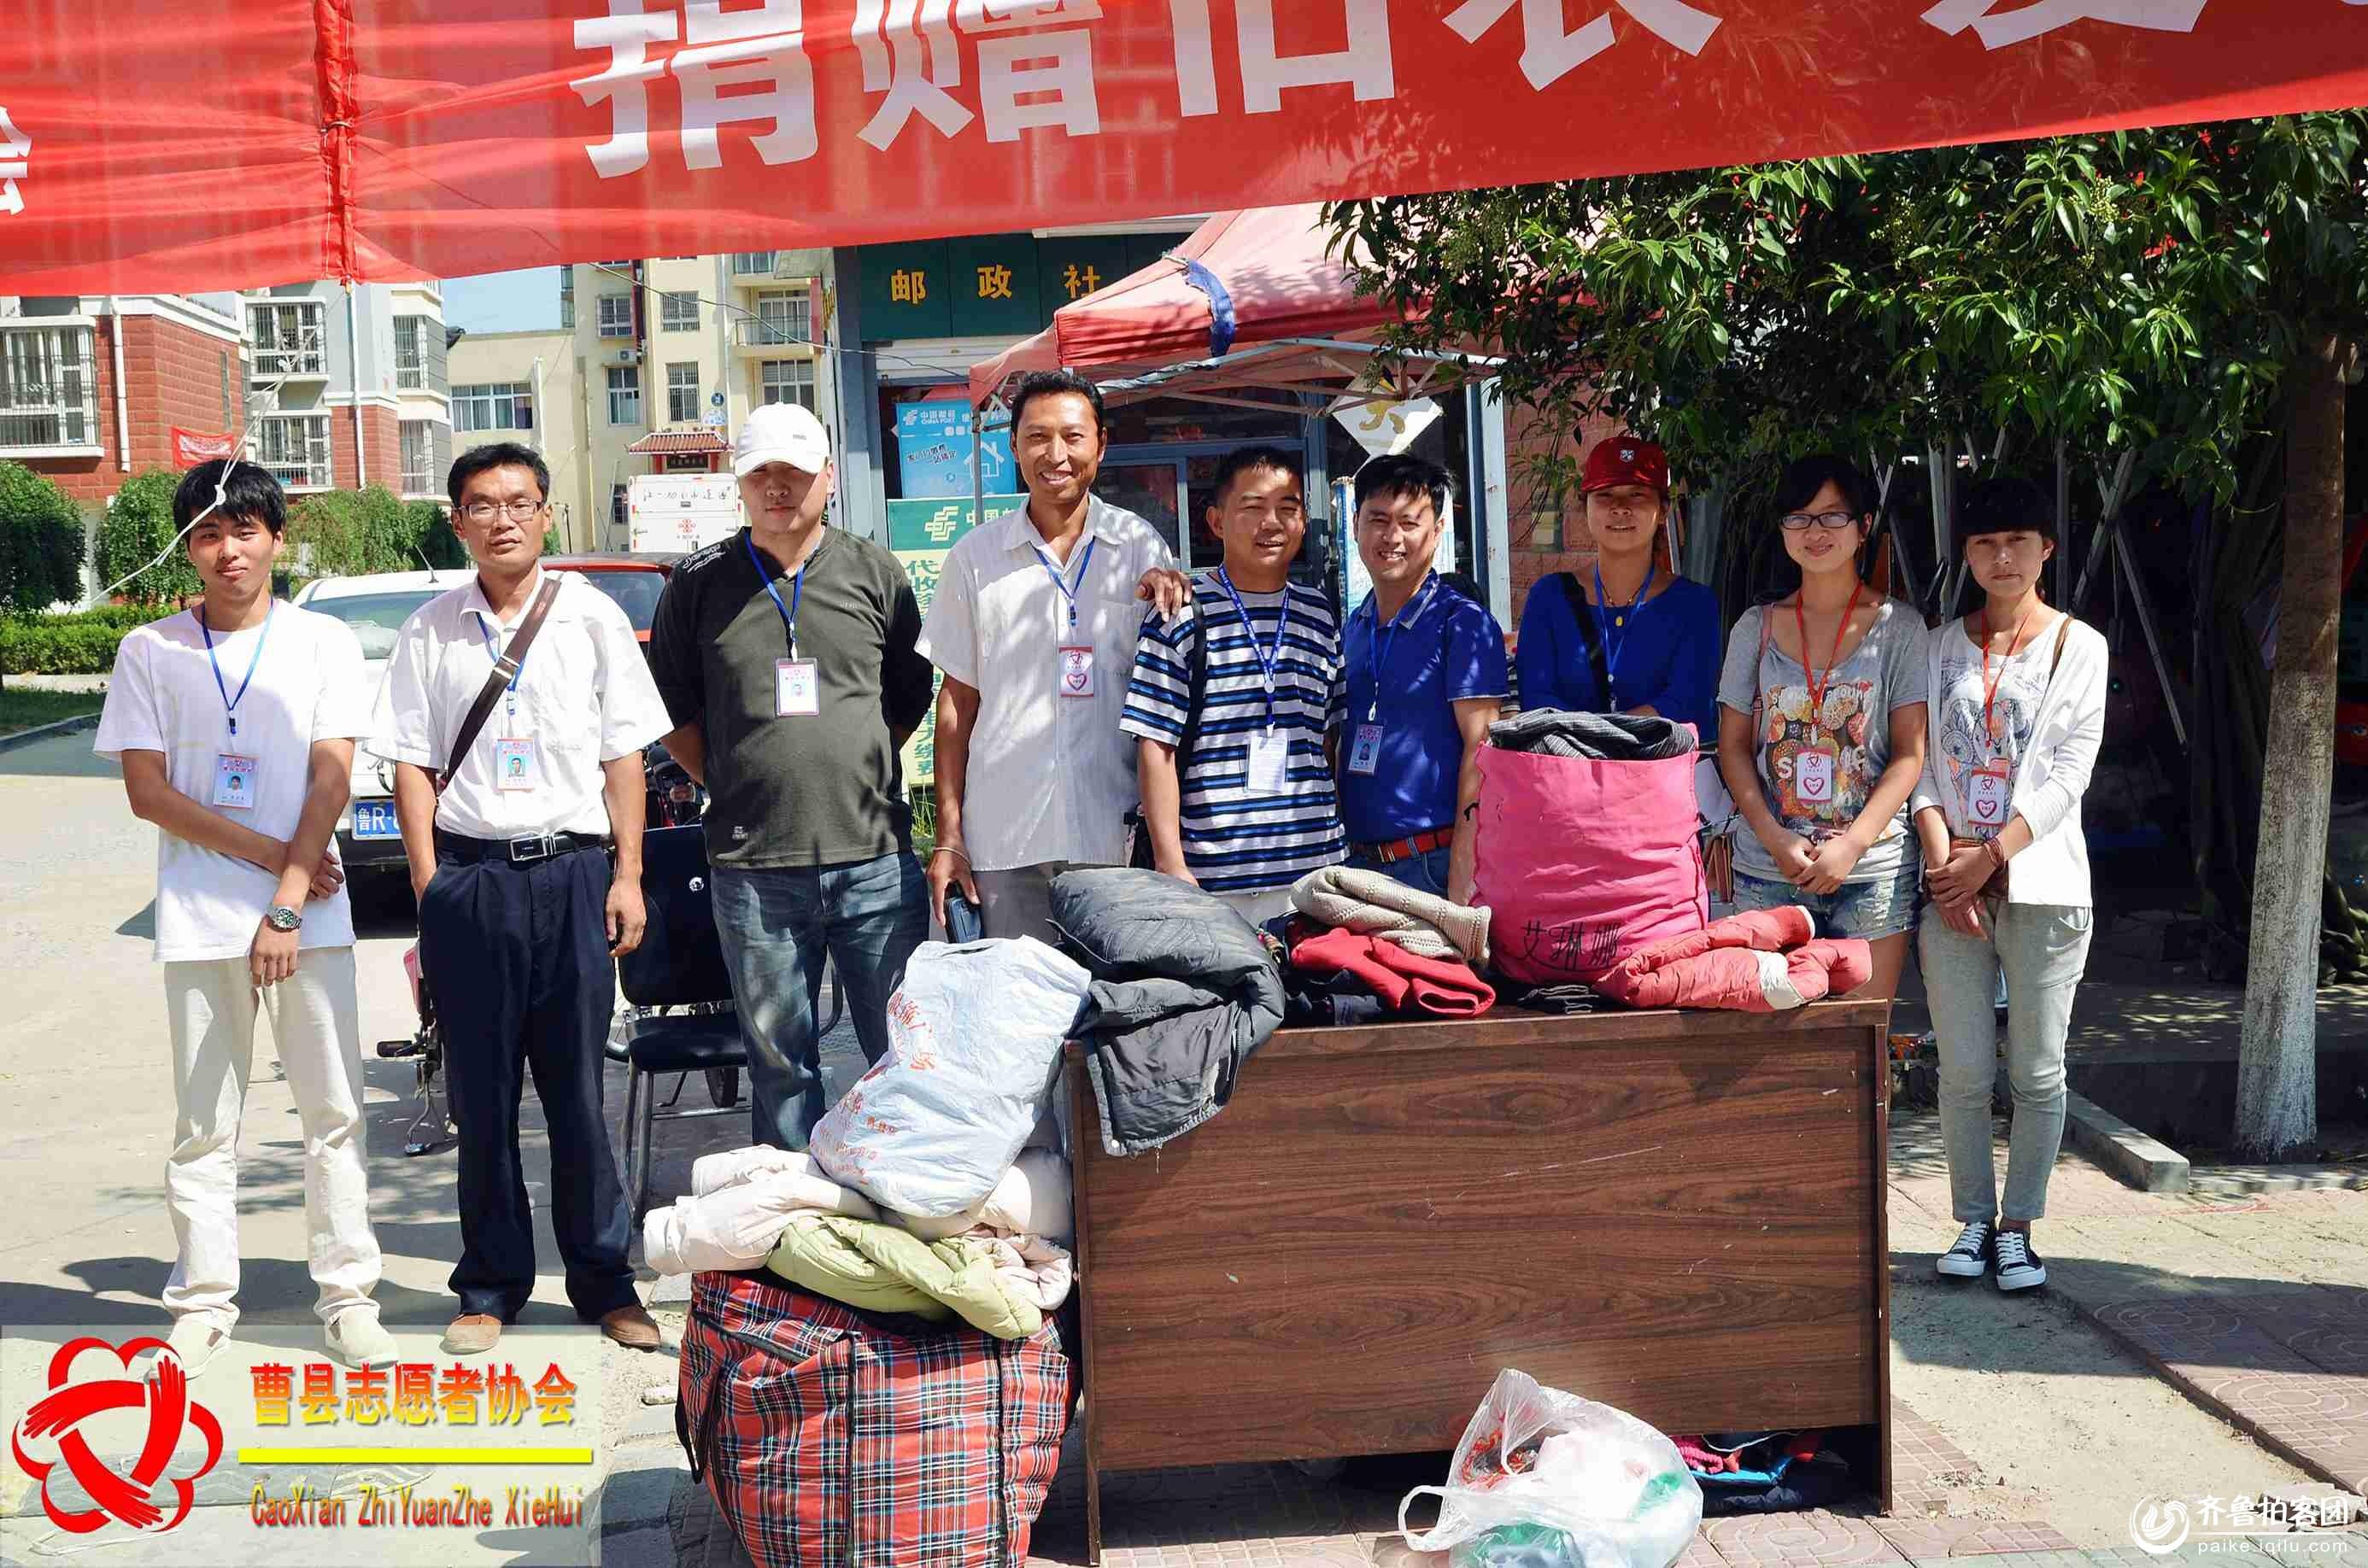 曹县志愿者为孤寡老人组织衣服募捐活动